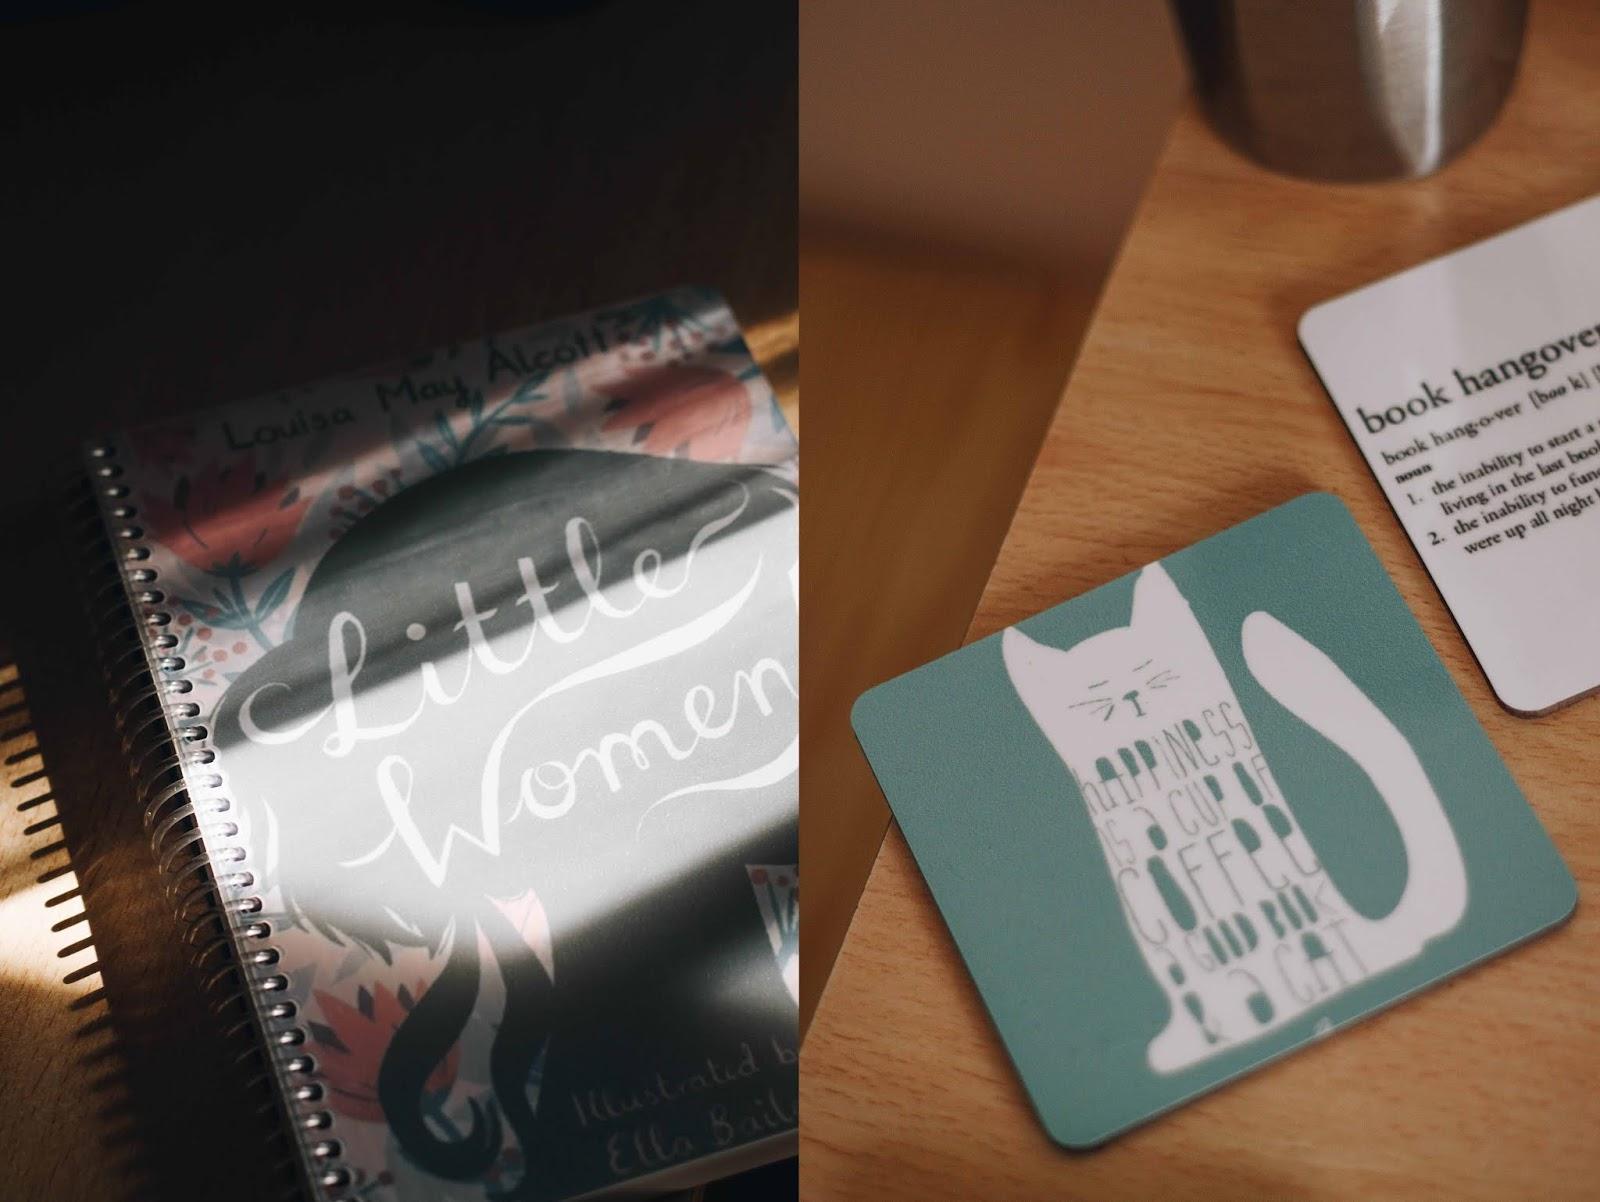 A Wanapix é uma loja especializada em artigos personalizados. Desde t-shirts, agendas, mantas, tapetes…  A variedade é imensa! Ainda que não tenha personalizado nada para oferecer, se gostam de mimos especiais e únicos, esta é a loja perfeita para encontrarem o presente ideal (seja para que ocasião for). A Wanapix deu-me a escolher, e no post de hoje mostro-vos os três diferentes itens que optei por personalizar.